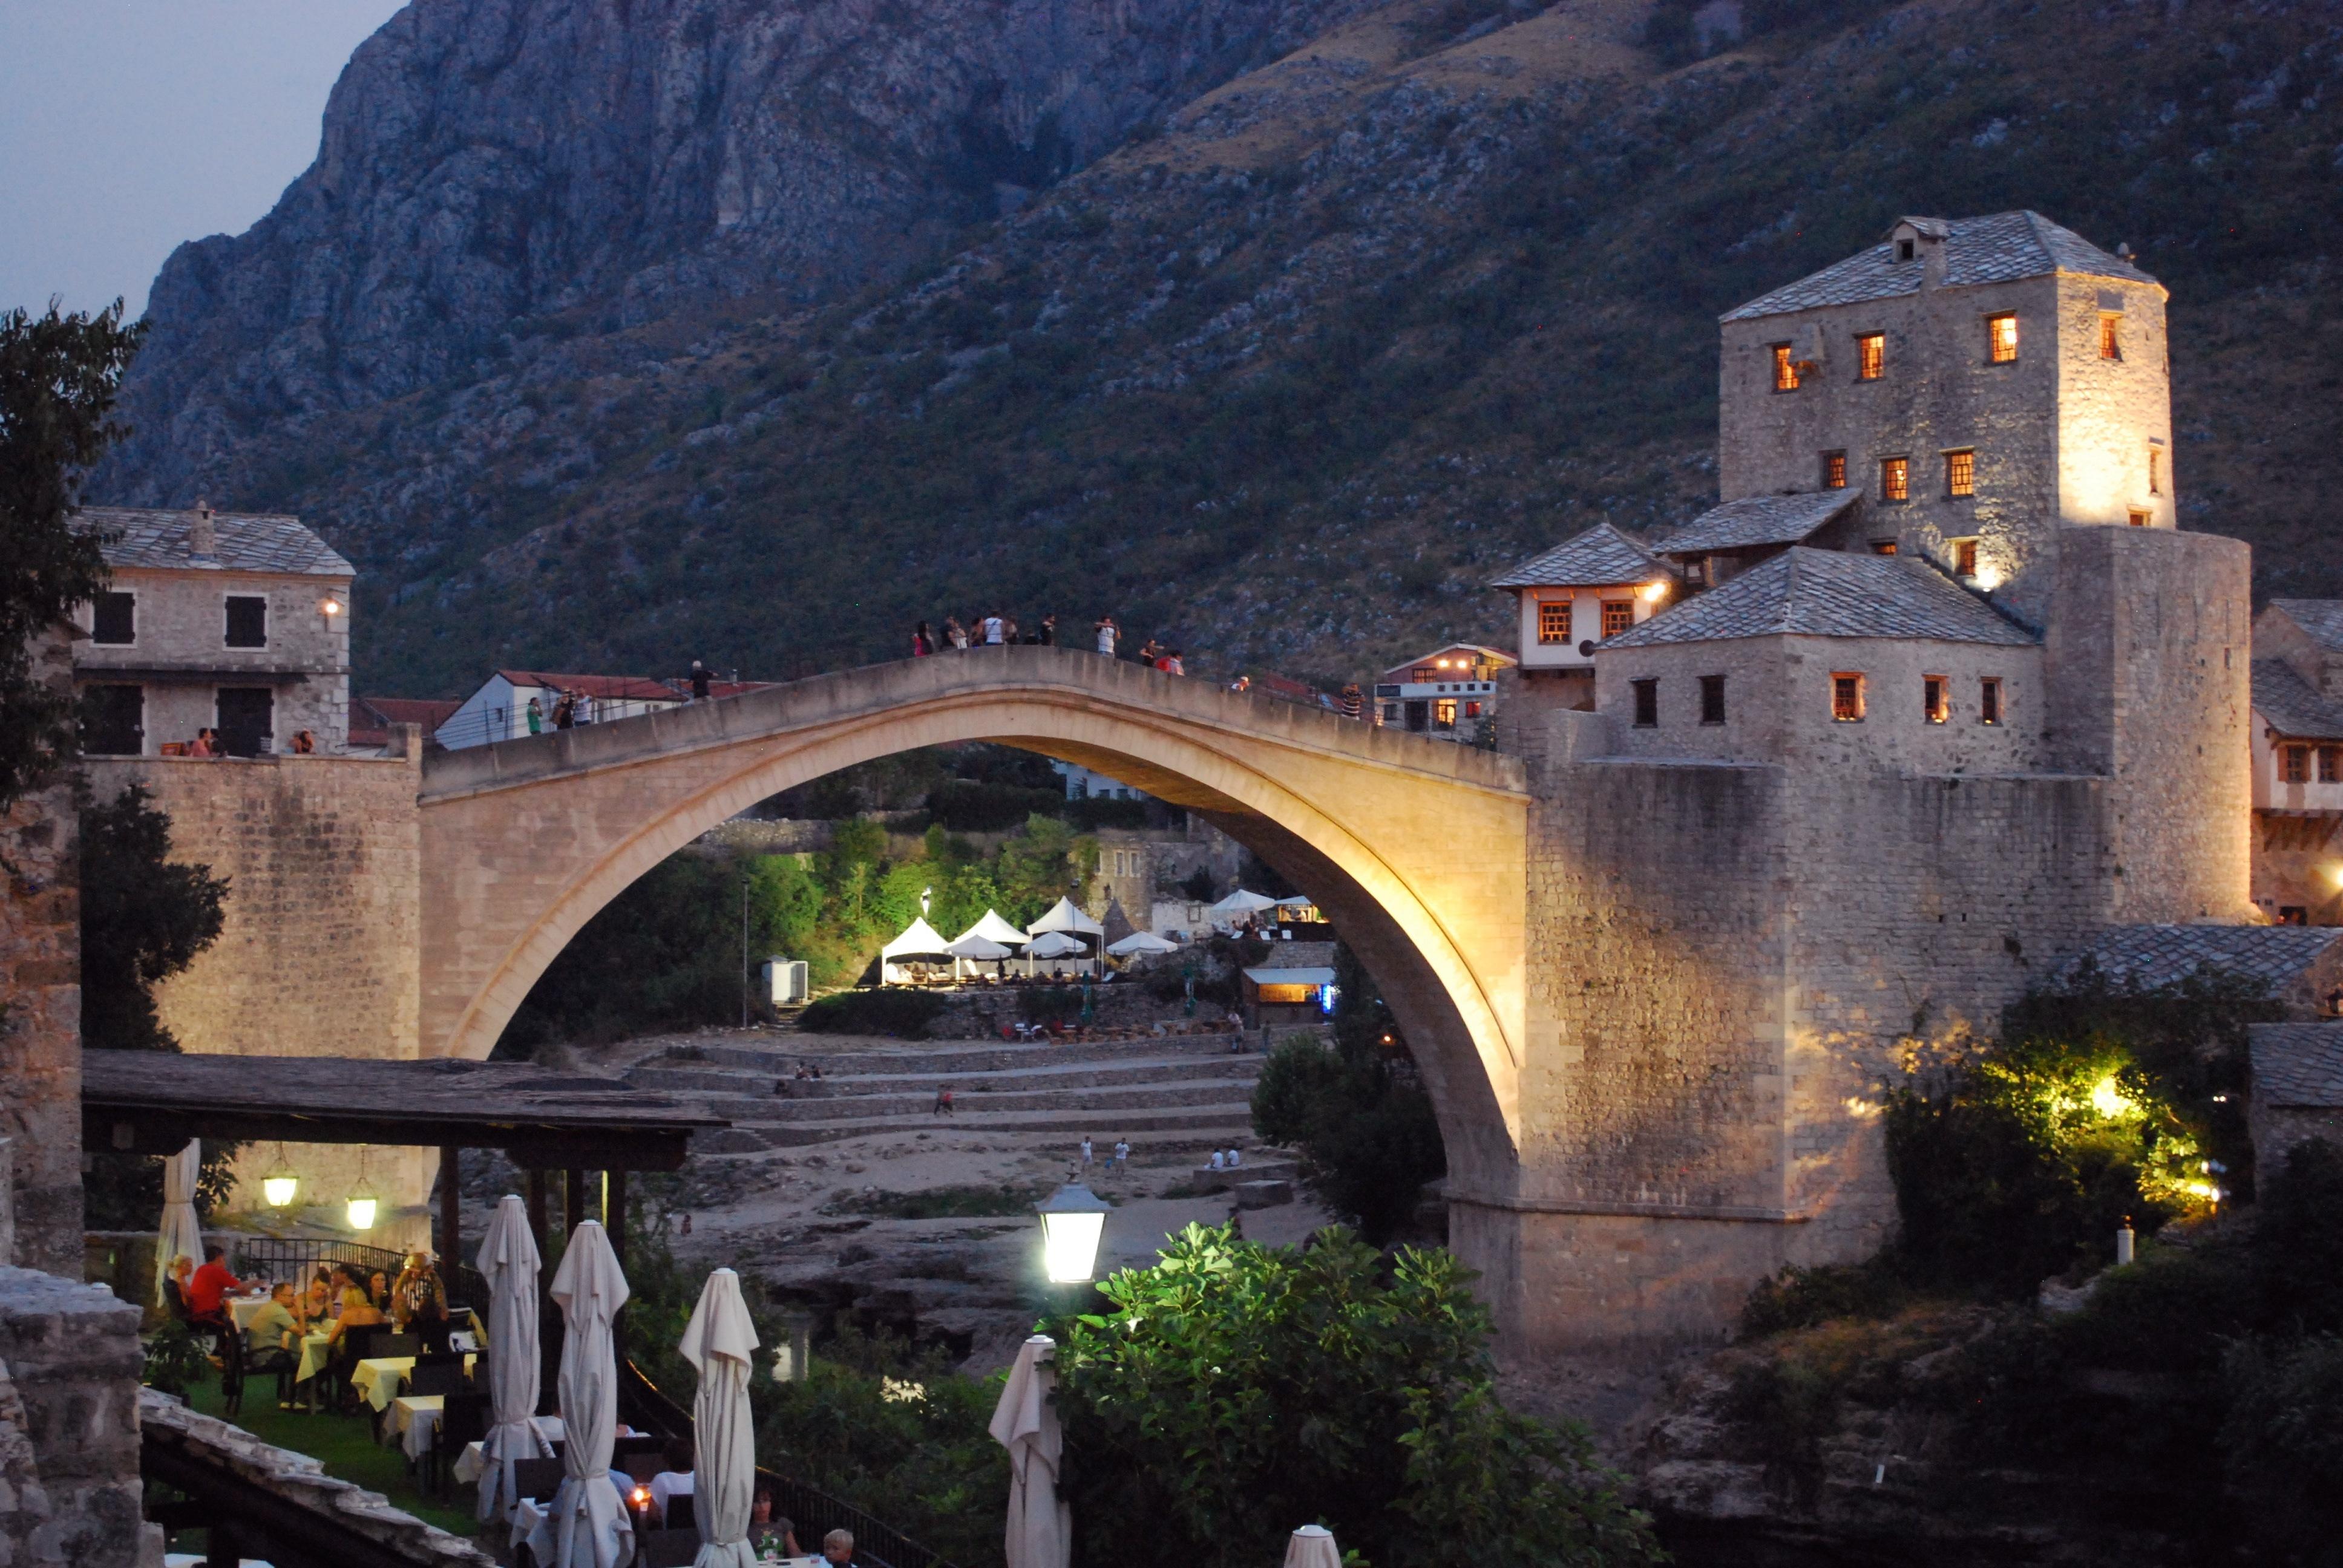 Il ponte di Mostar, progettato dall'architetto Hajrudin  e costruito nel 1566 per ordine del sultano Solimano il Magnifico